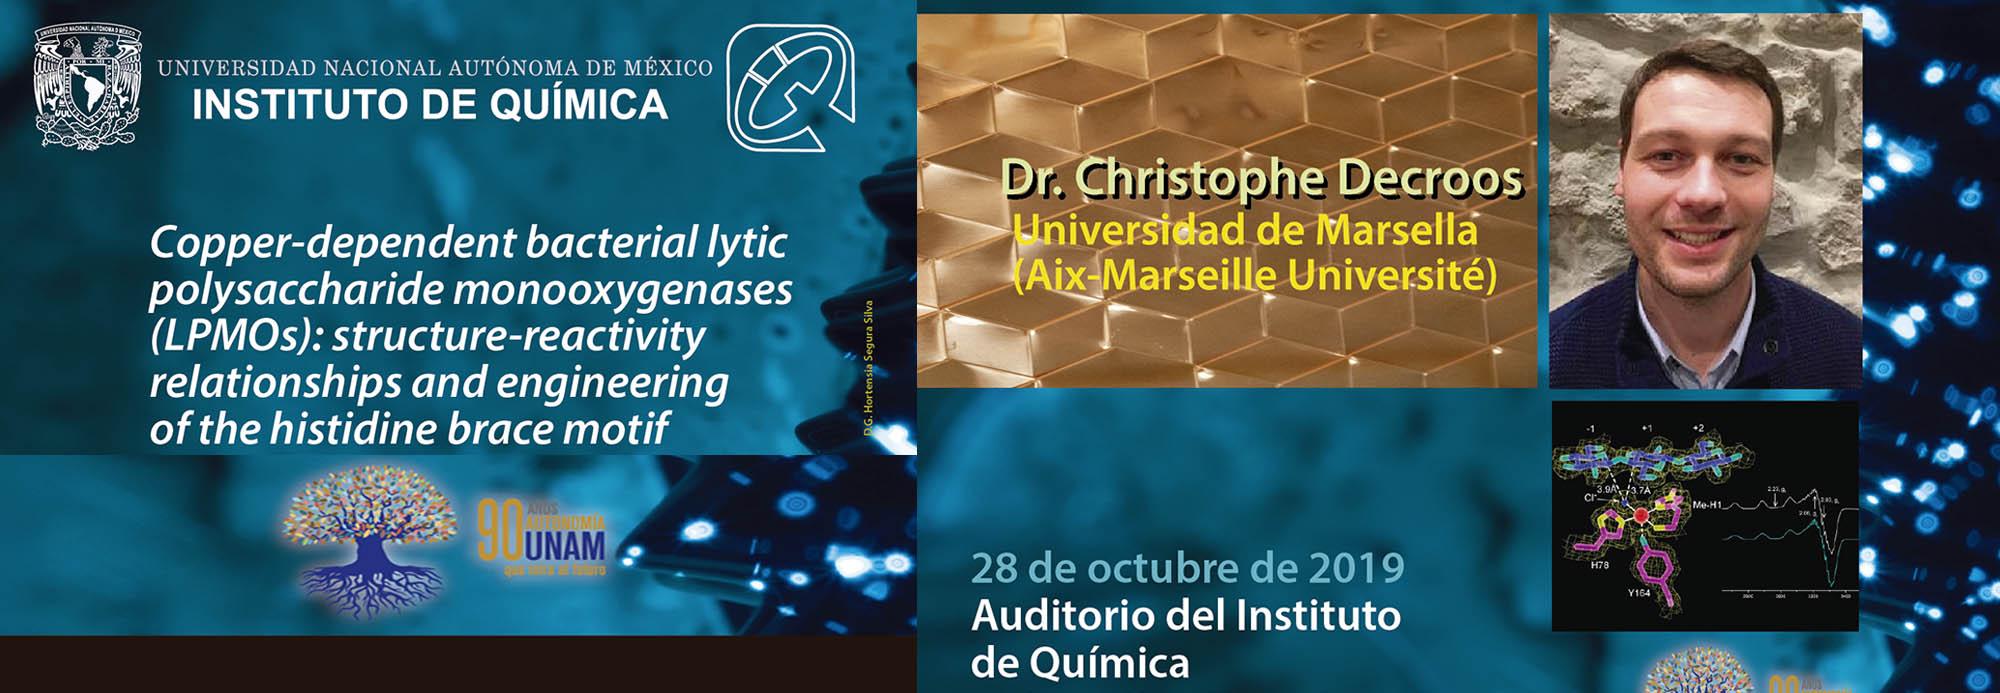 Conferencia próximo 28 de octubre a las 11:00 h, en el auditorio del IQ. Organiza: Dr. Ivan Castillo, ver cartel...